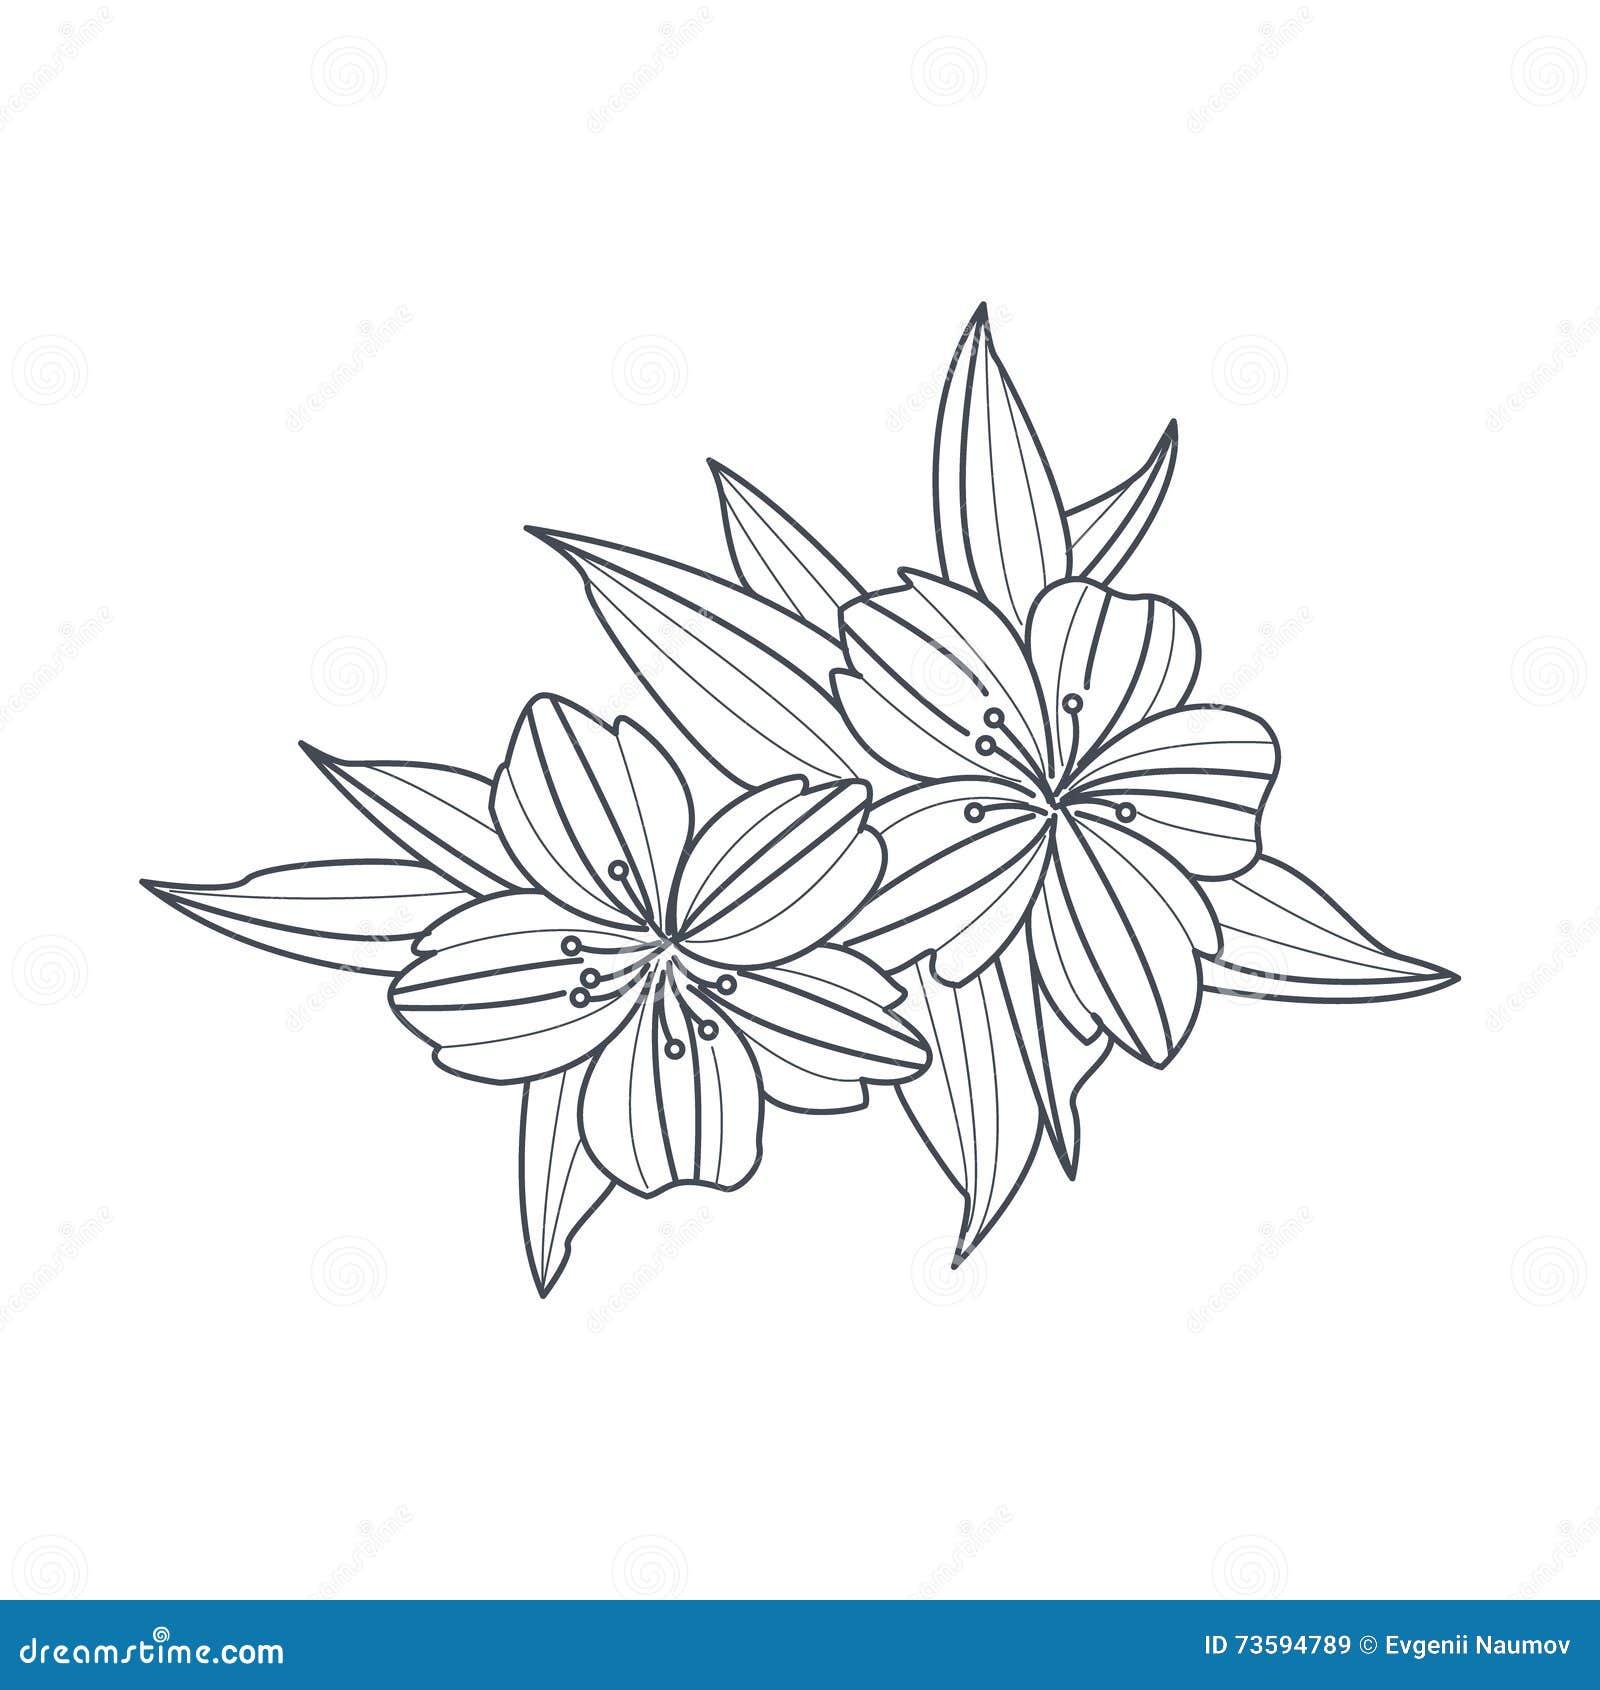 Dibujo Monocromático De La Flor Salvaje Para El Libro De Colorear ...